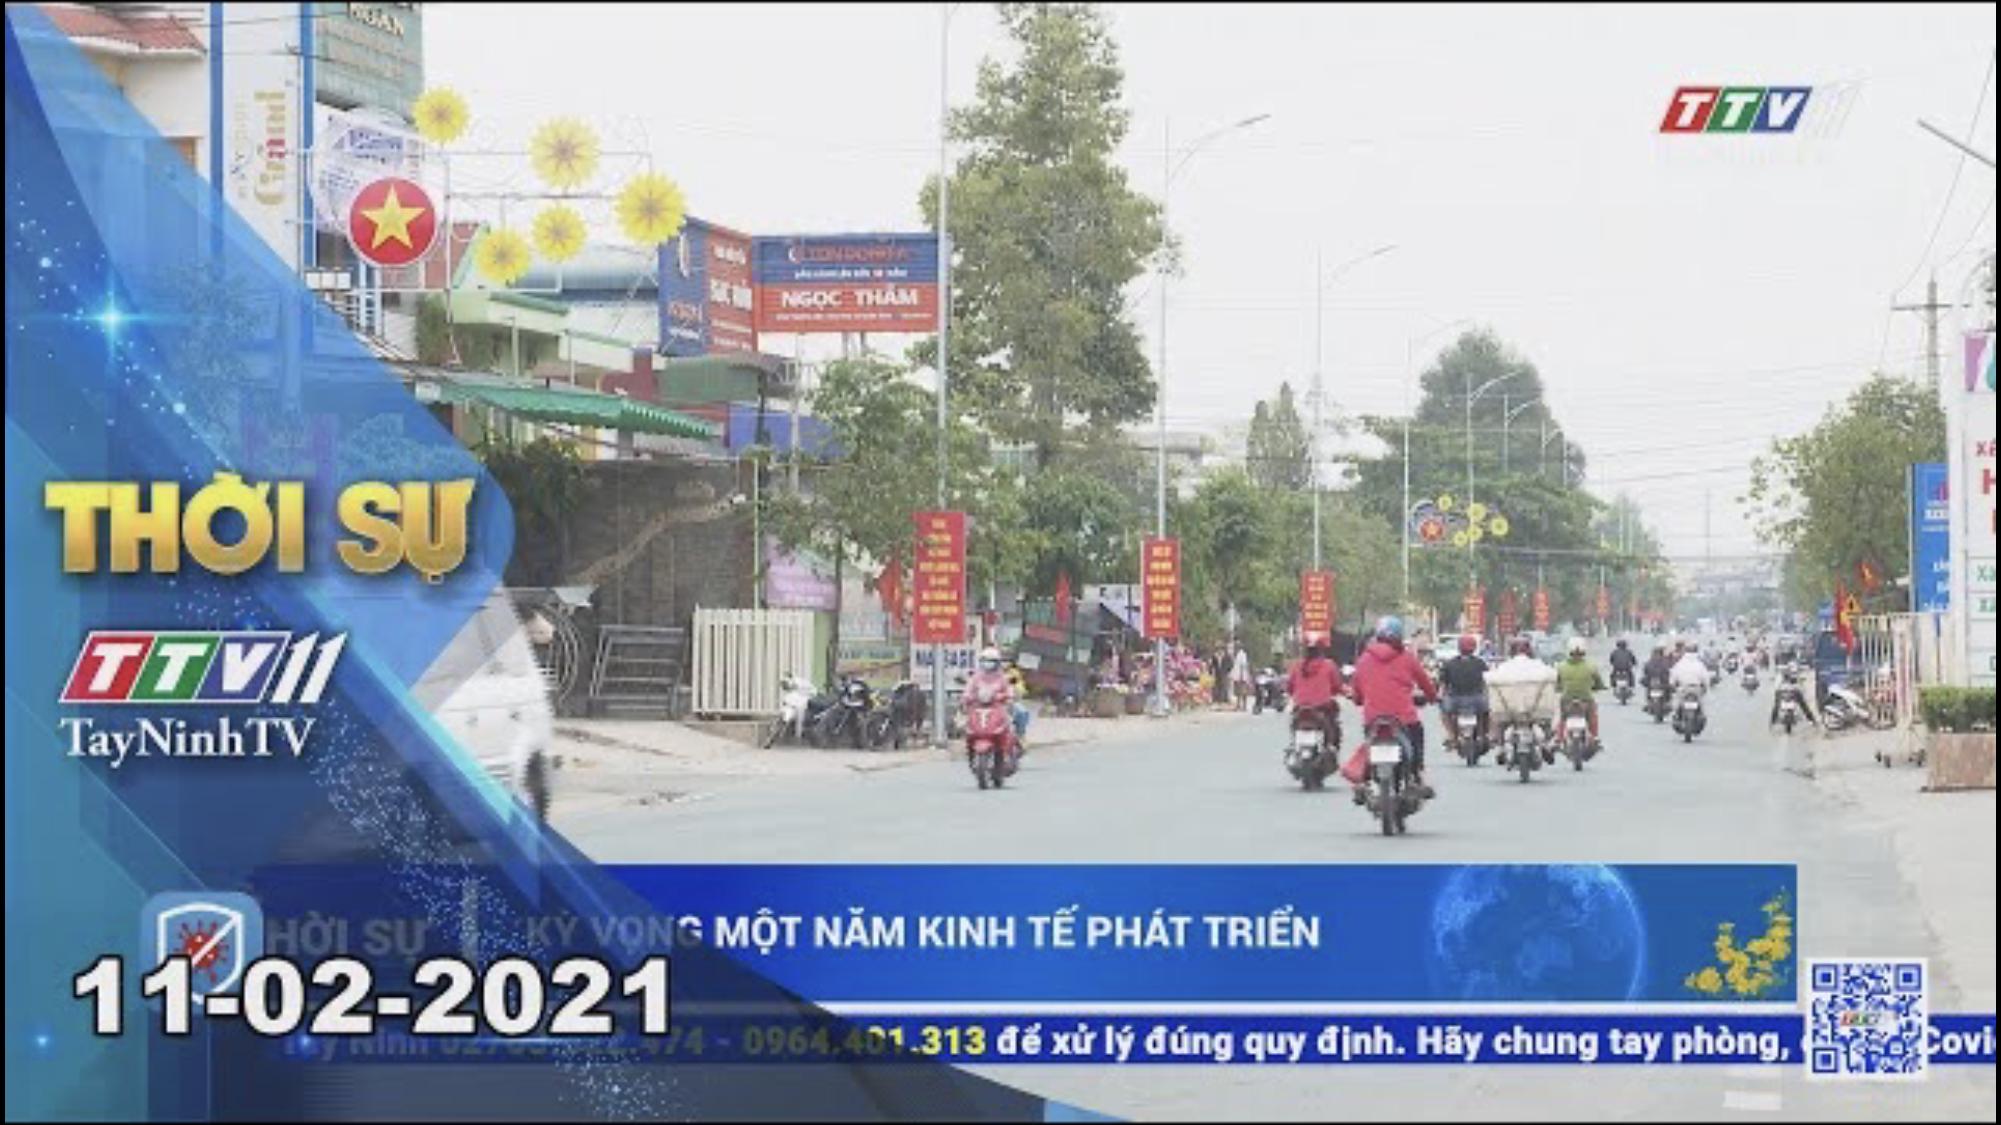 Thời sự Tây Ninh 11-02-2021   Tin tức hôm nay   TayNinhTV